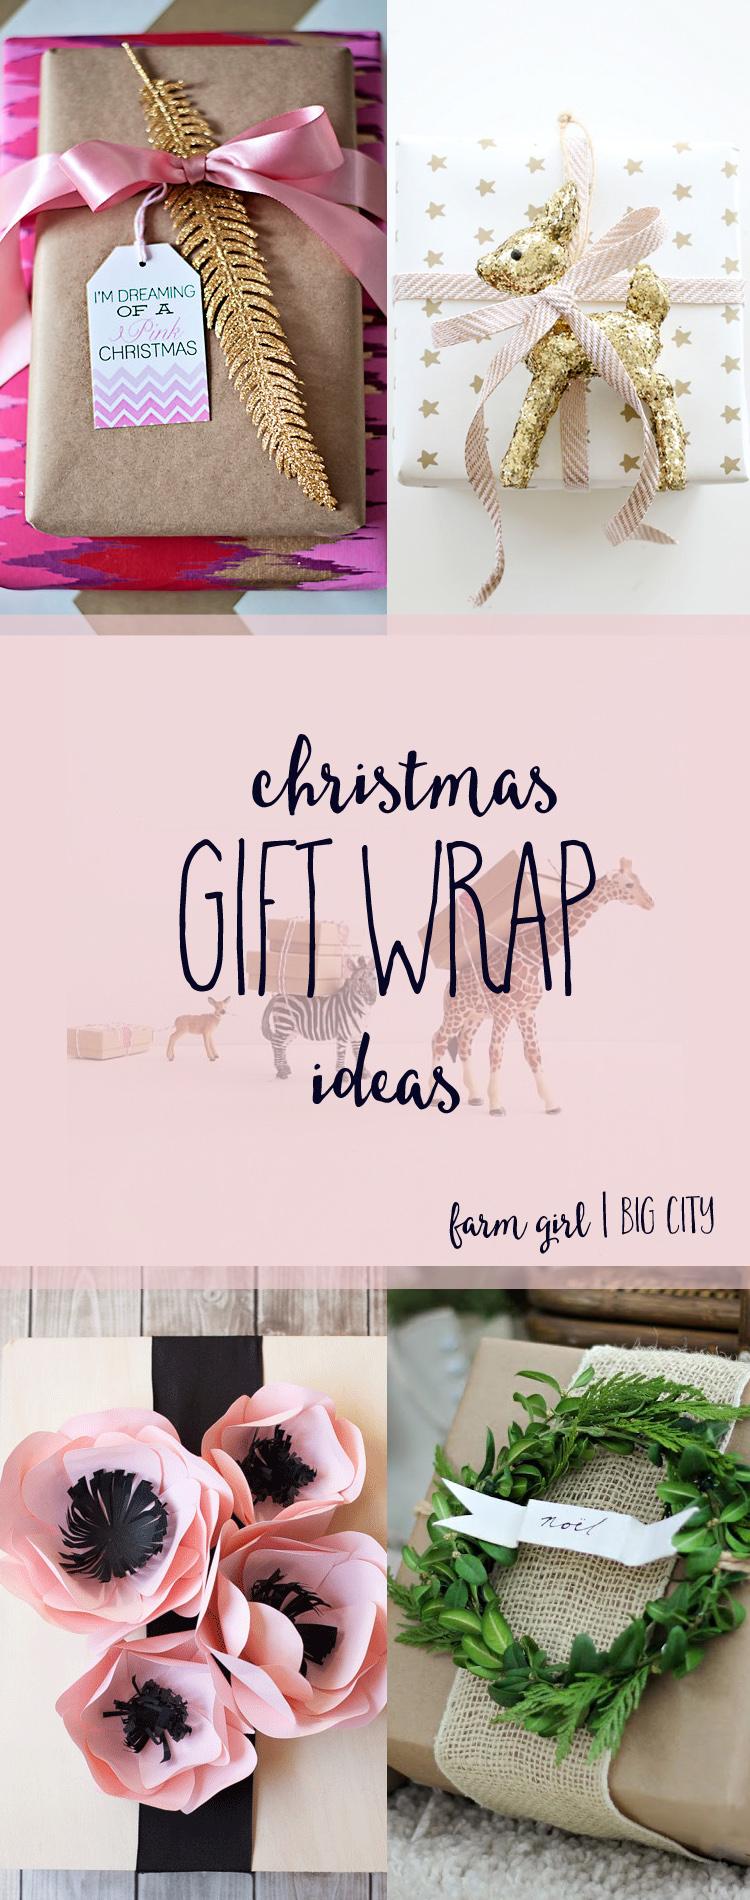 Unique gift wrap ideas for Christmas (via farm girl big city)